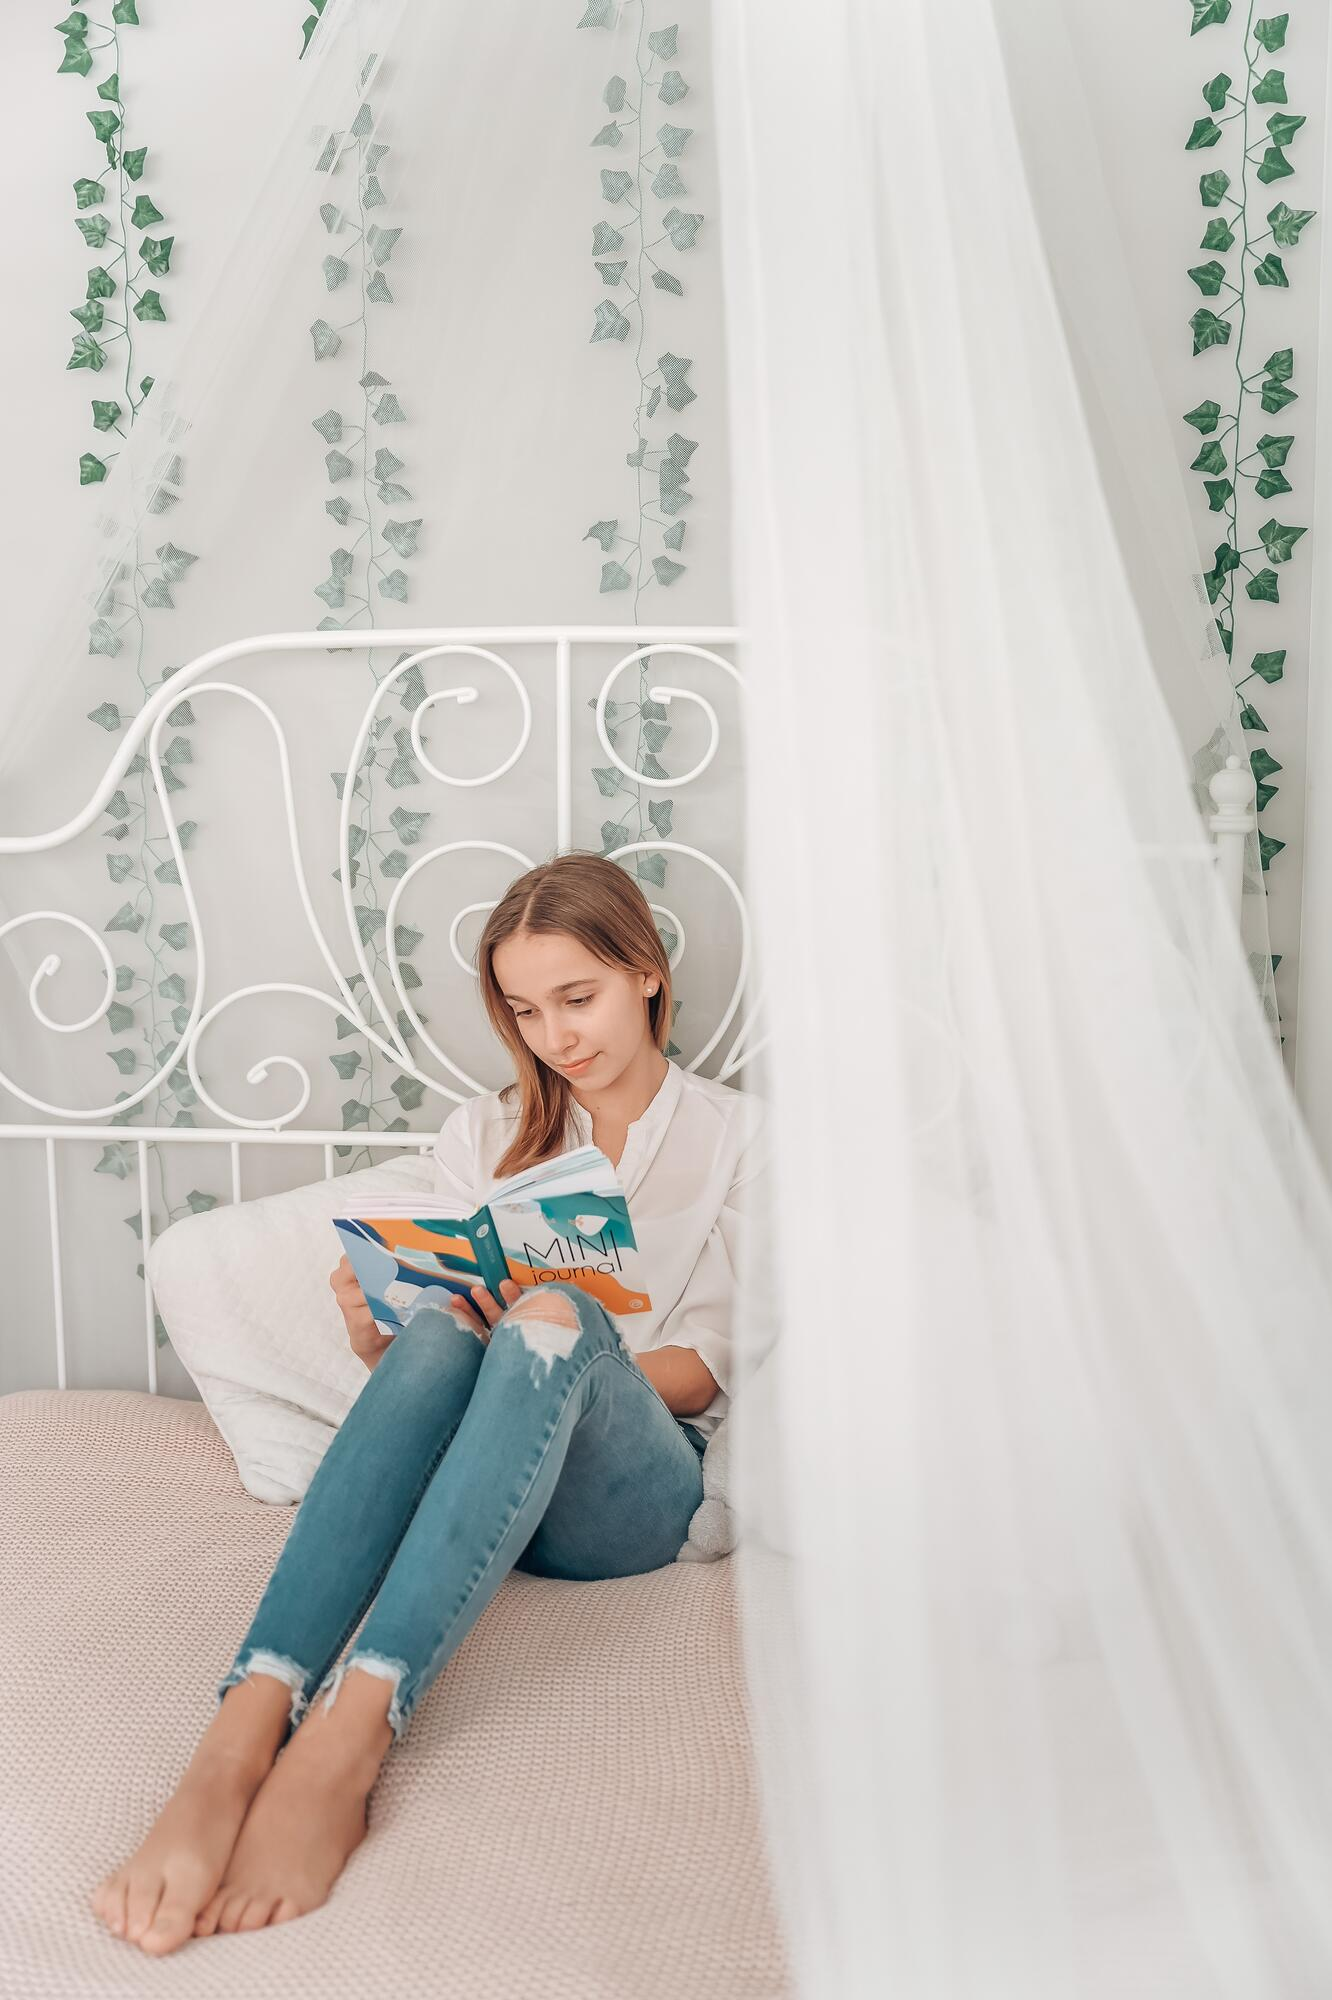 Mini Journal - dziennik rozwoju dla dzieci i nastolatków - SFERA ŻYCIA   JestemSlow.pl